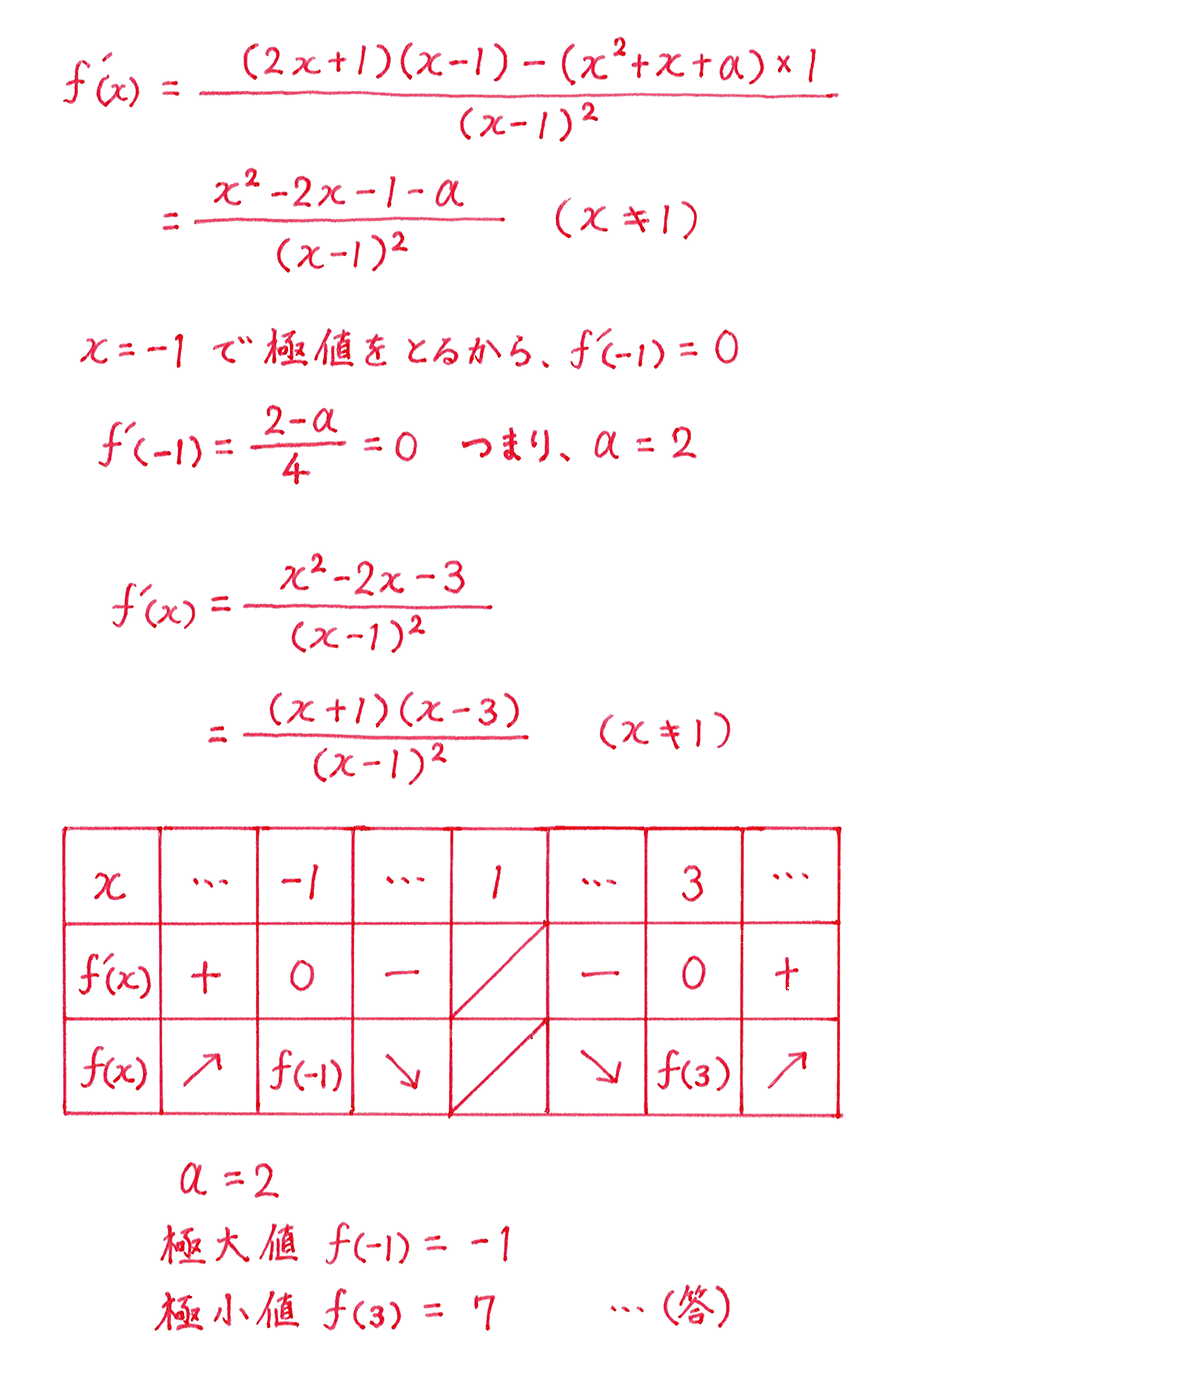 微分法の応用13 問題 答え